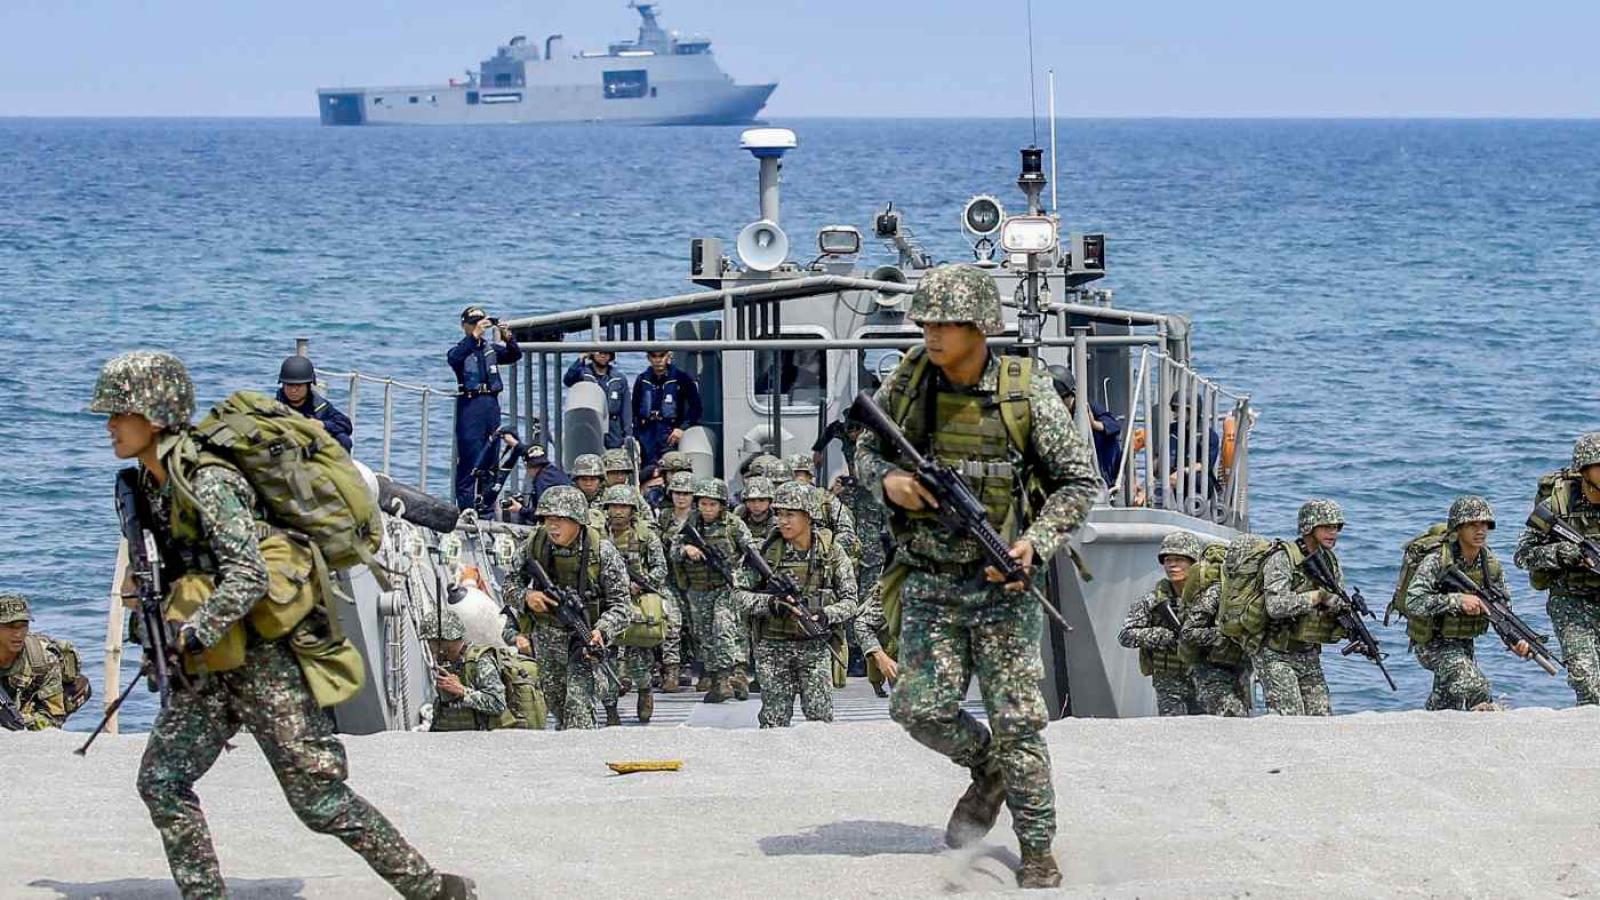 Mỹ-Philippines tập trận chung giữa lúc căng thẳng ở Biển Đông